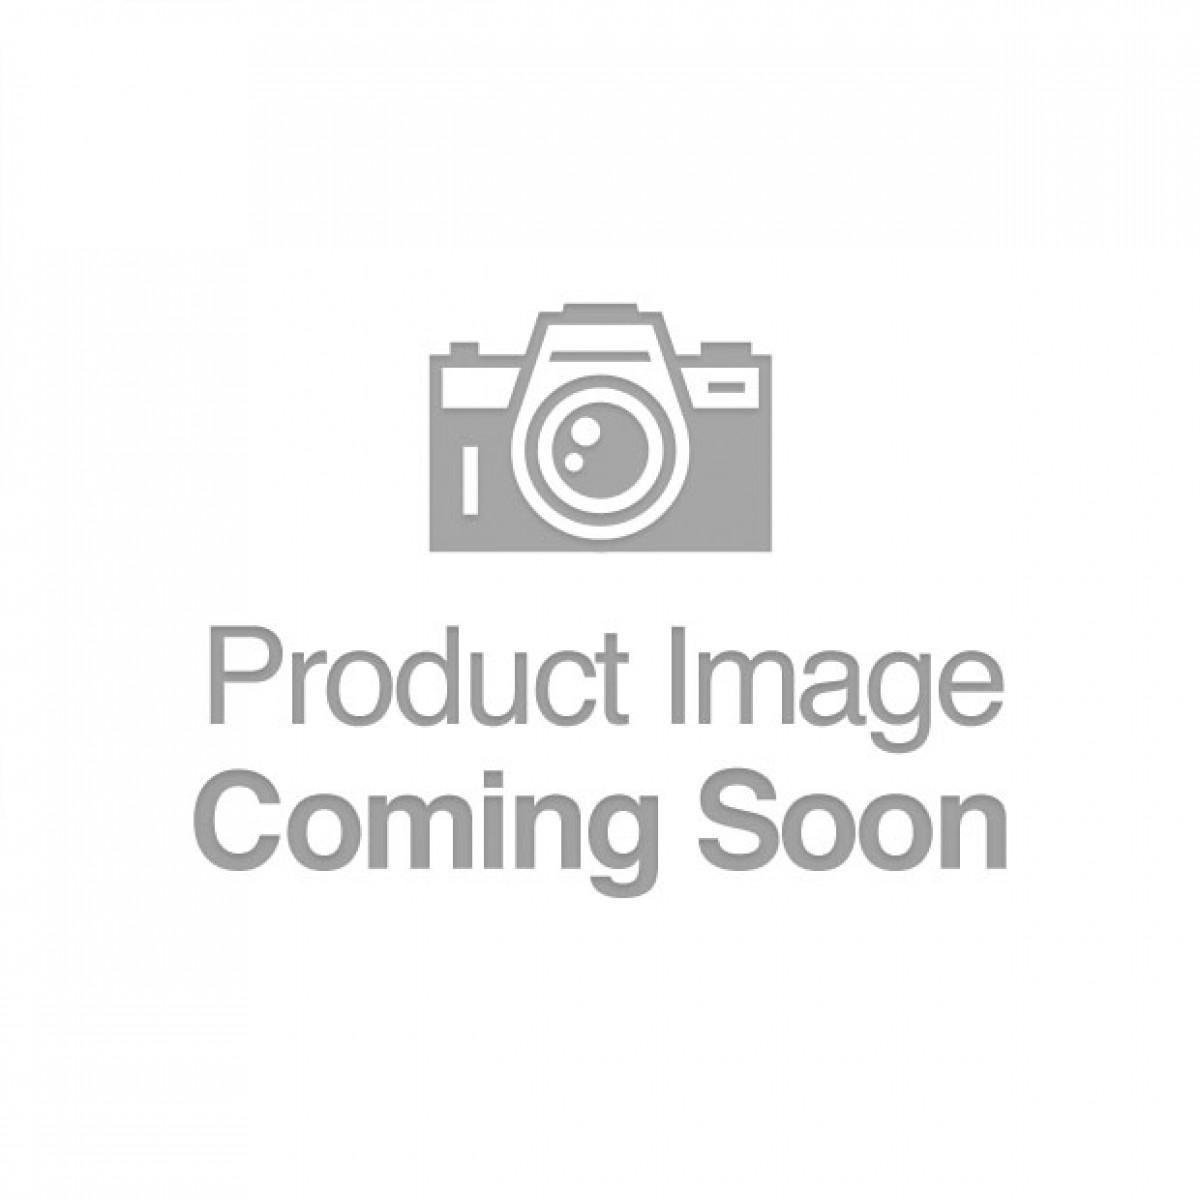 Strap-U Power Pecker 7 Inch Silicone Dildo w/ Balls - Black